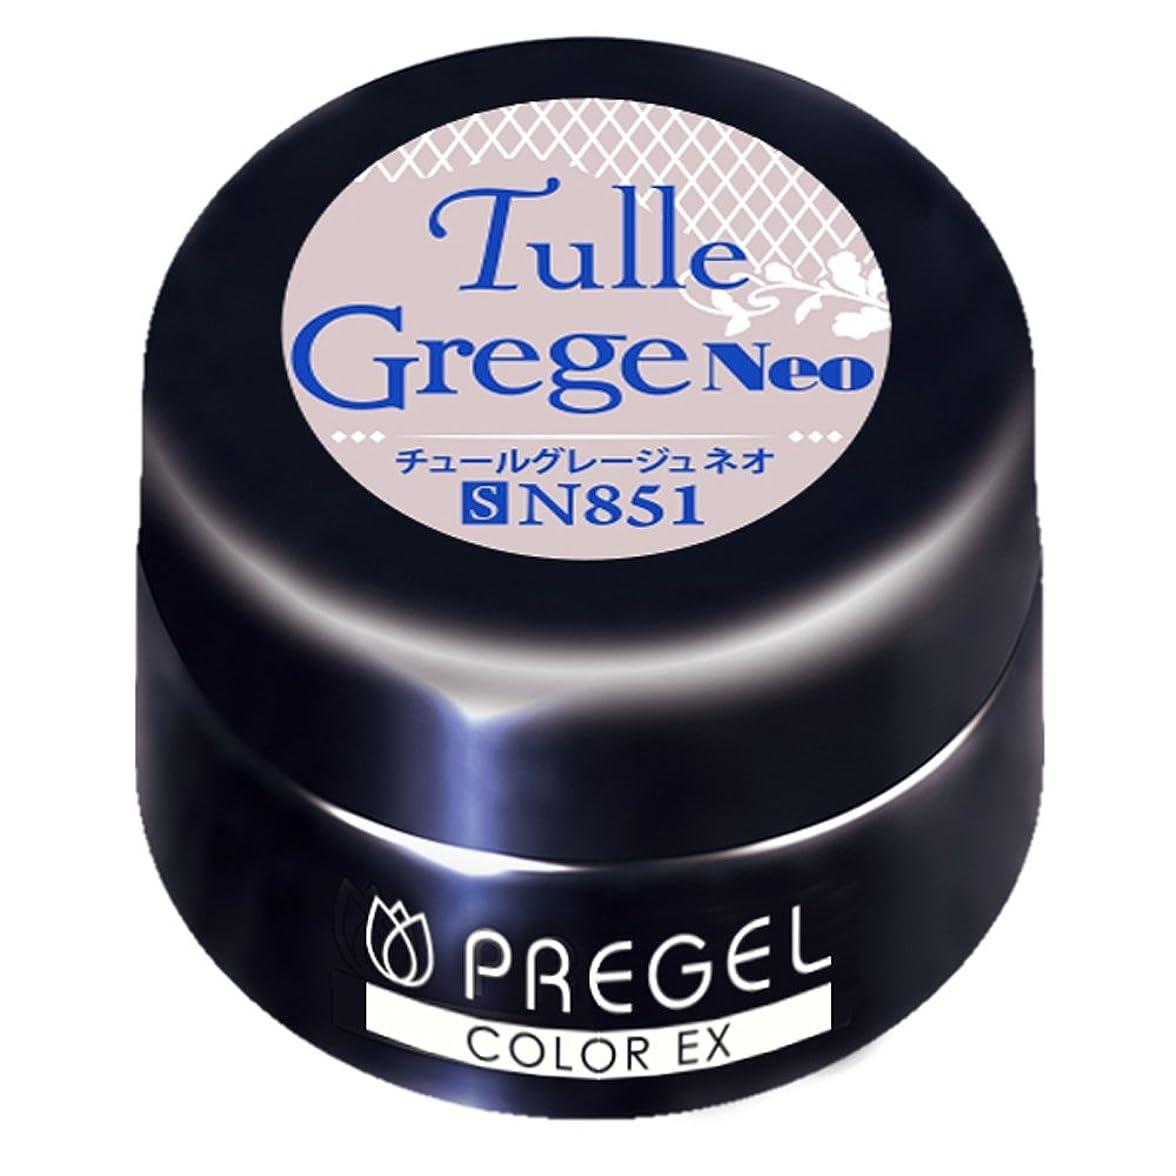 モート追記ラオス人PRE GEL カラーEX チュールグレージュ neo 851 3g UV/LED対応